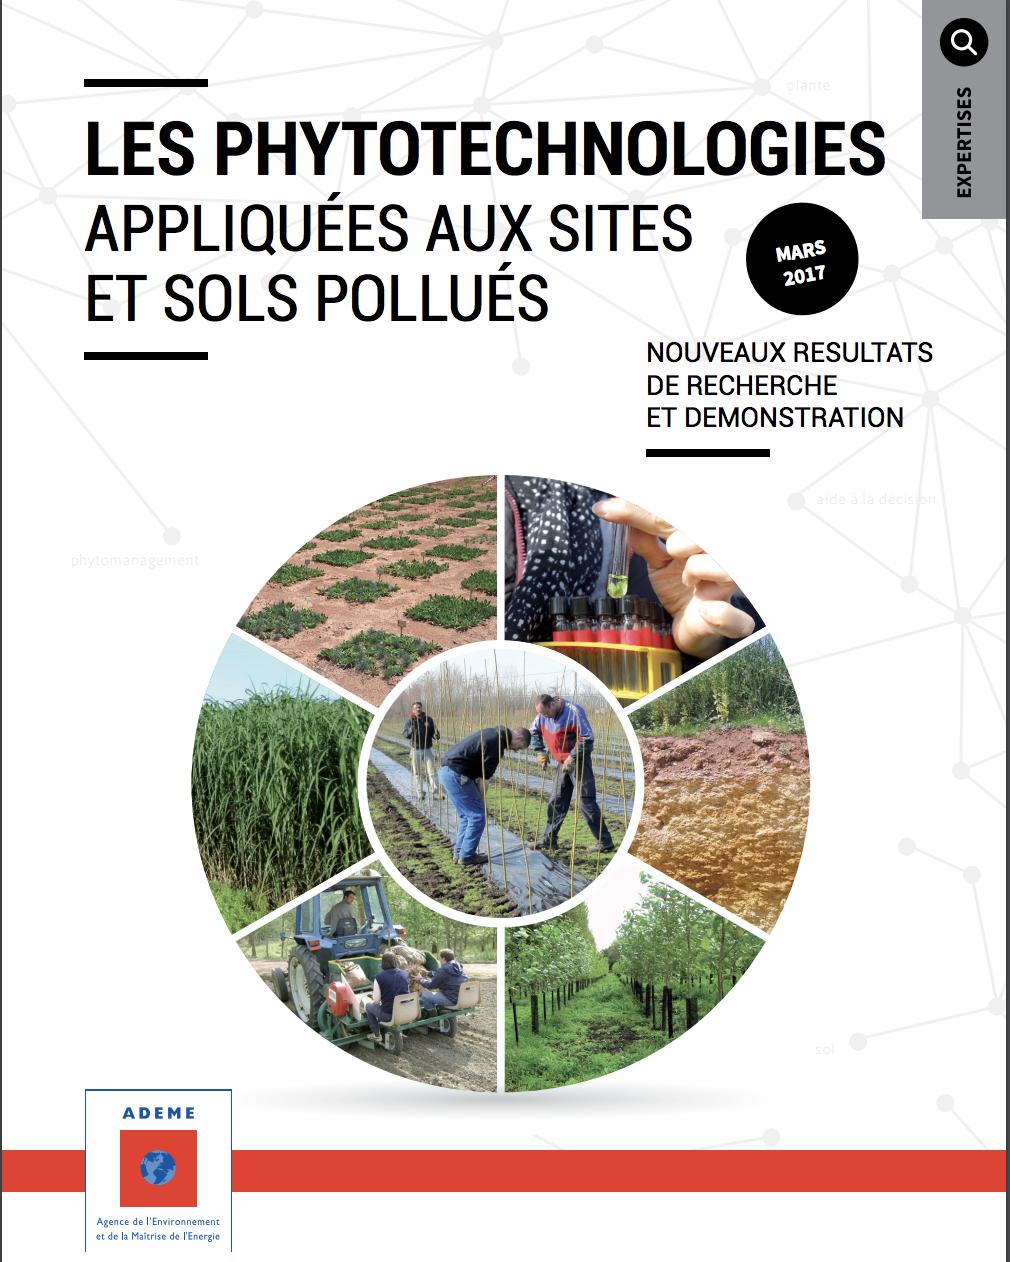 Les phytotechnologies appliquées aux sites et sols pollués - ADEME - 2017